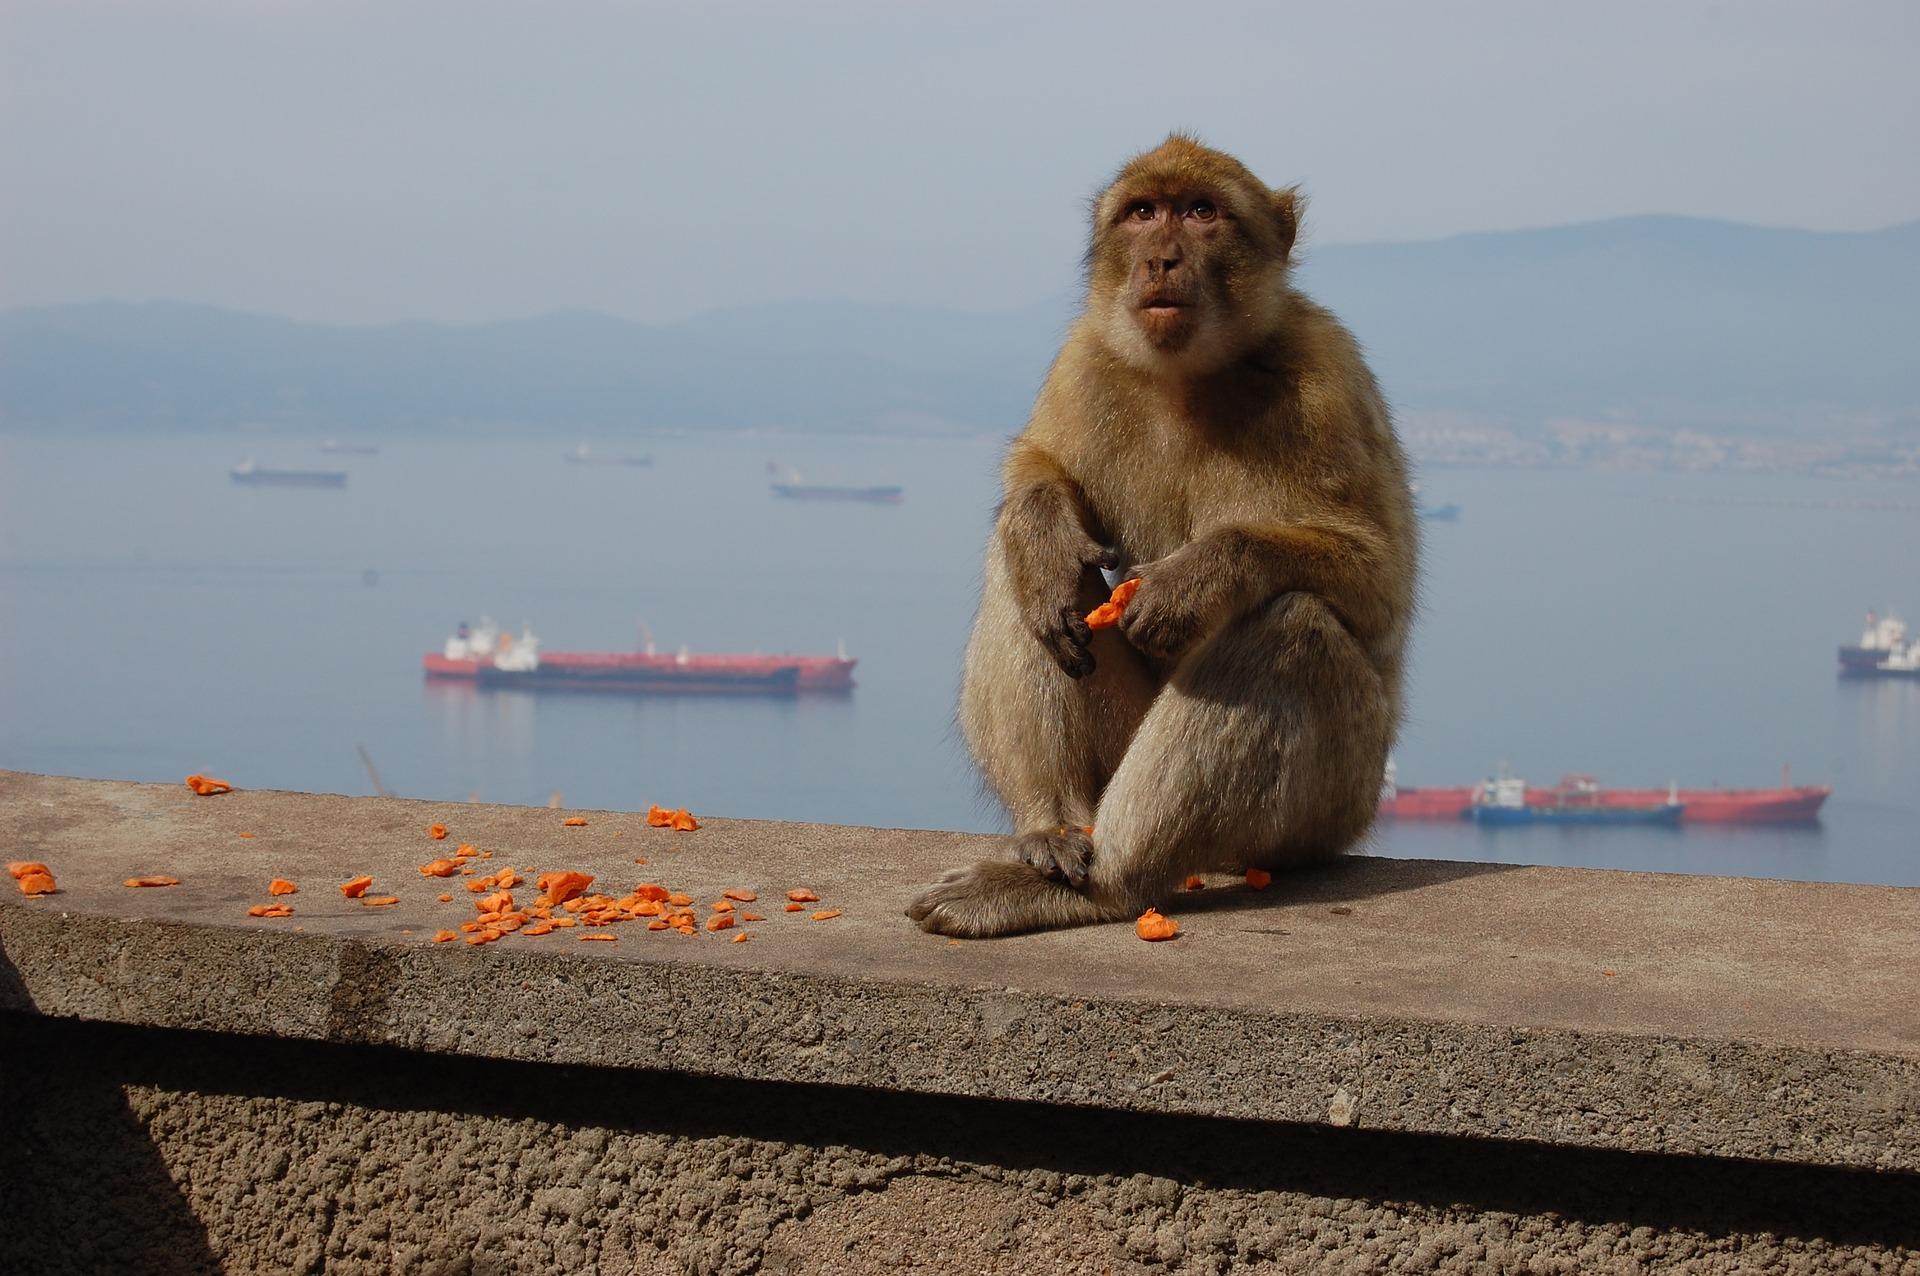 monkey-1437397_1920